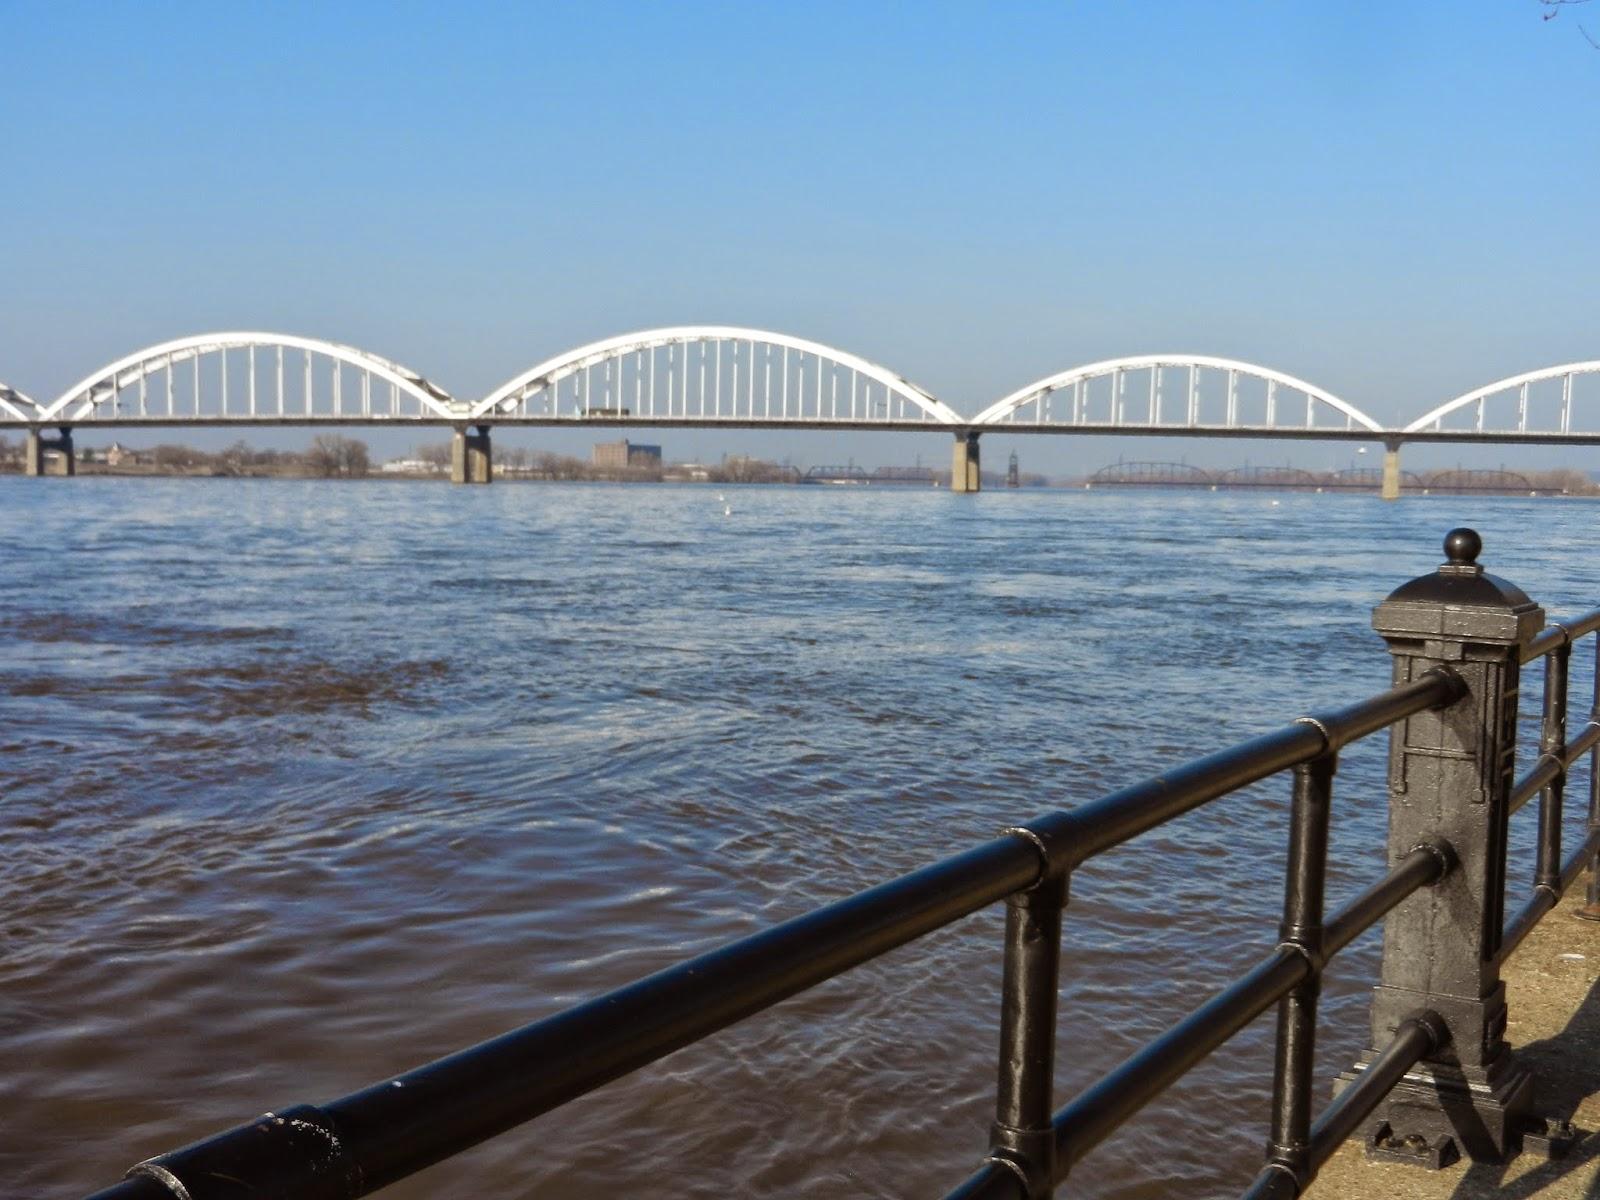 centennial bridge, davenport